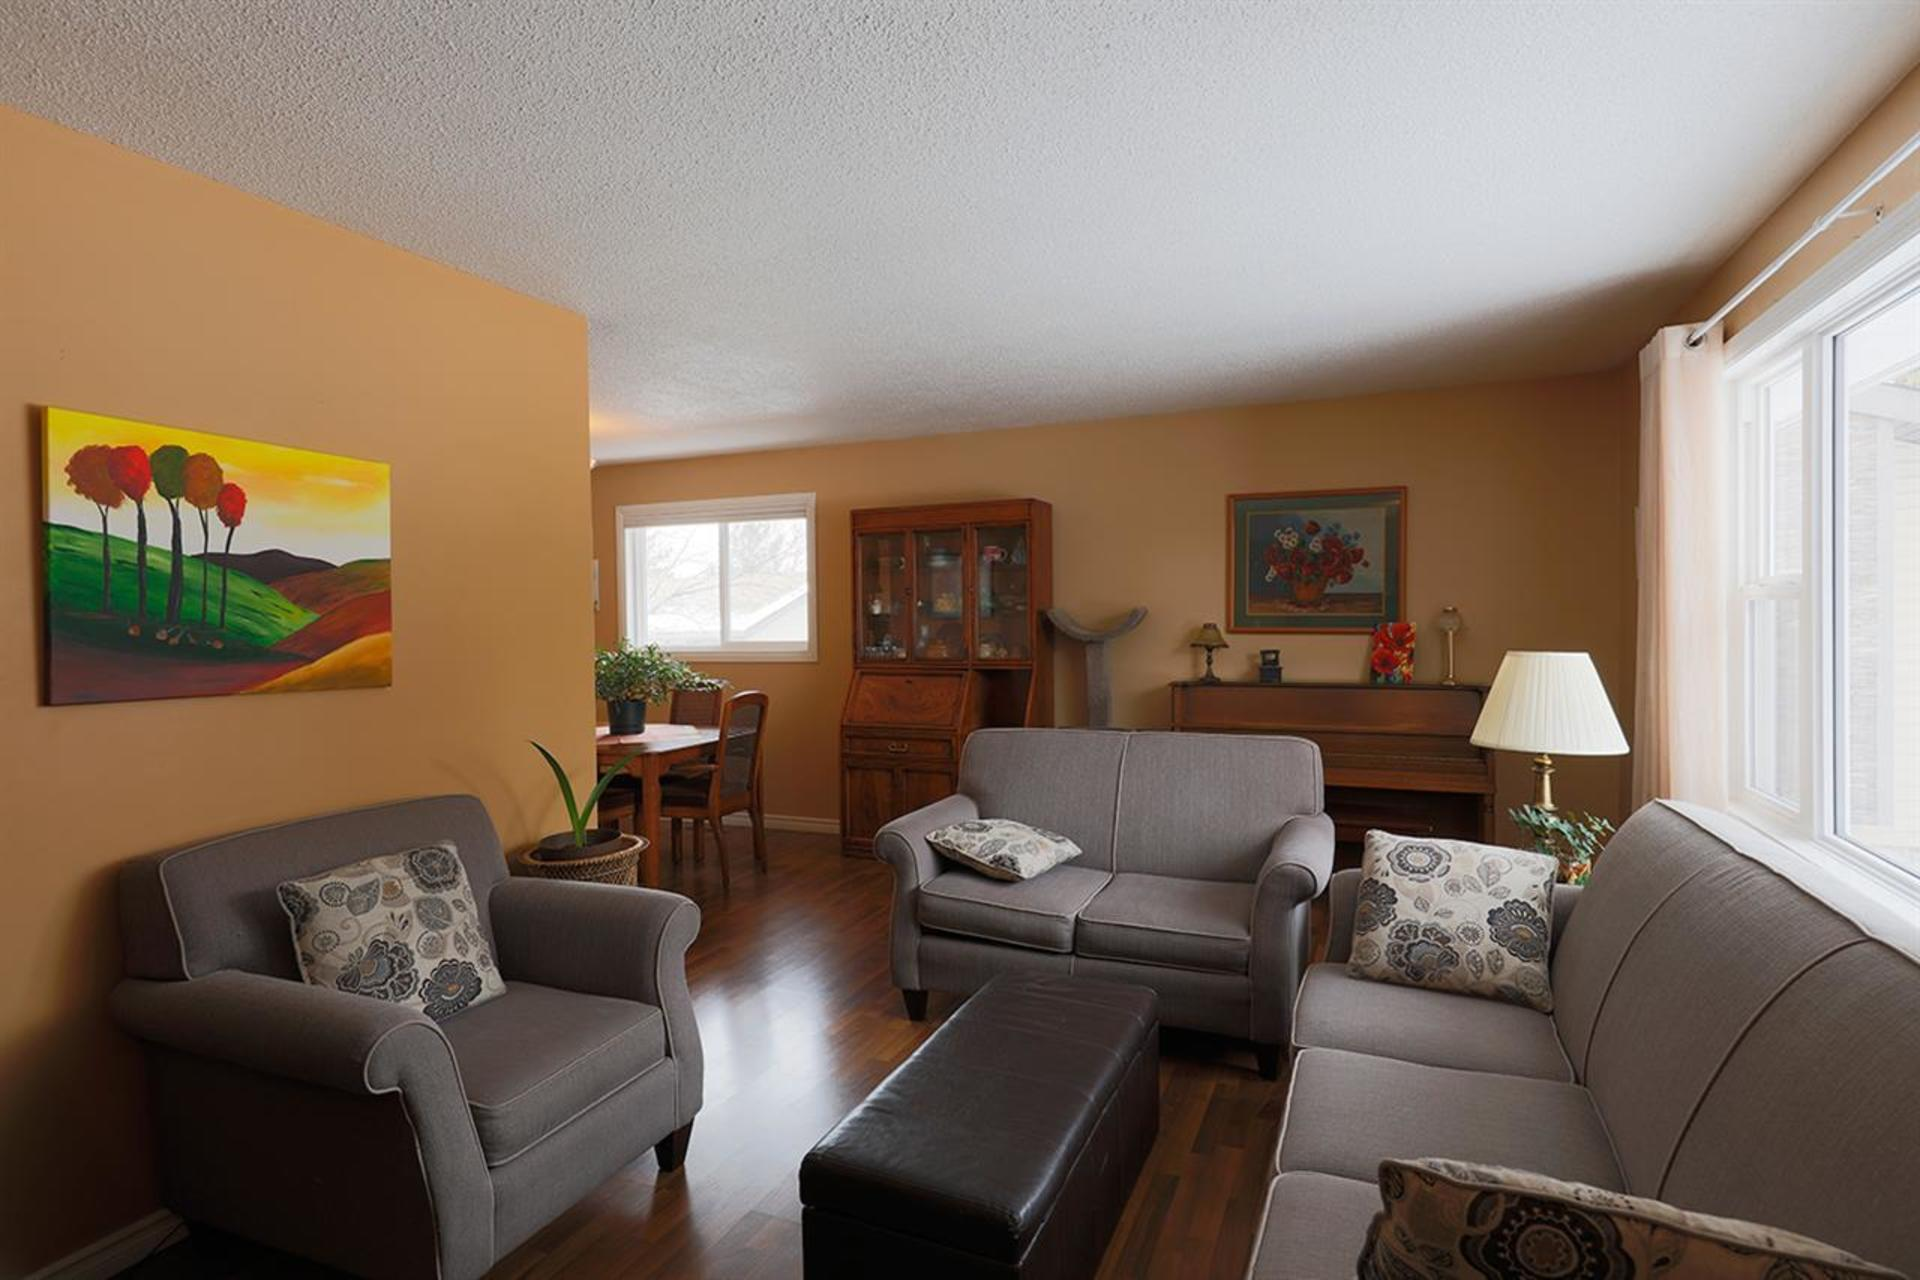 7423-141-avenue-kildare-edmonton-02 at 7423 141 Avenue, Kildare, Edmonton